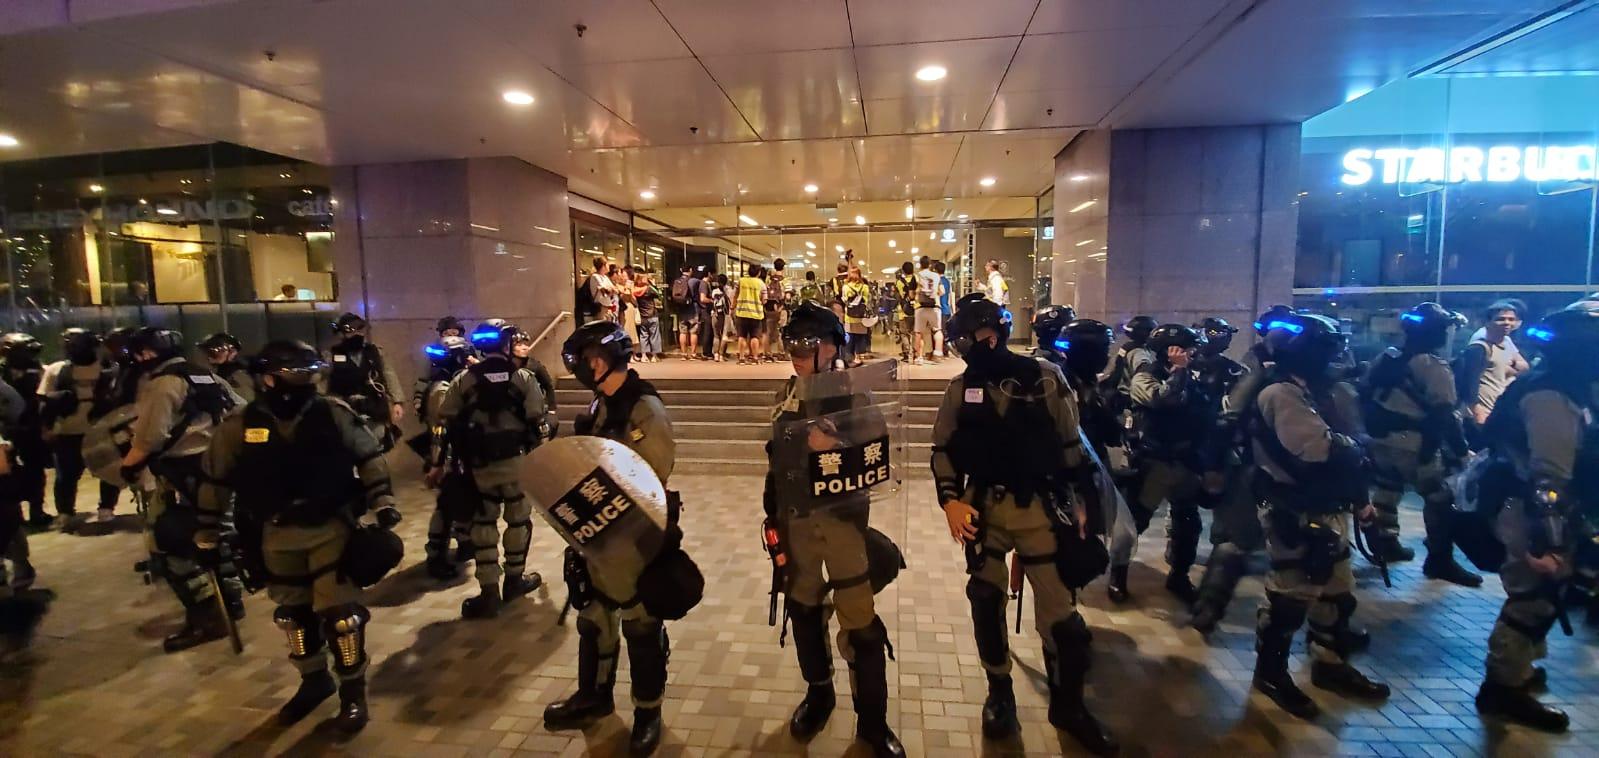 防暴警进入太古城中心 惹聚集群众不满最少1人被带走